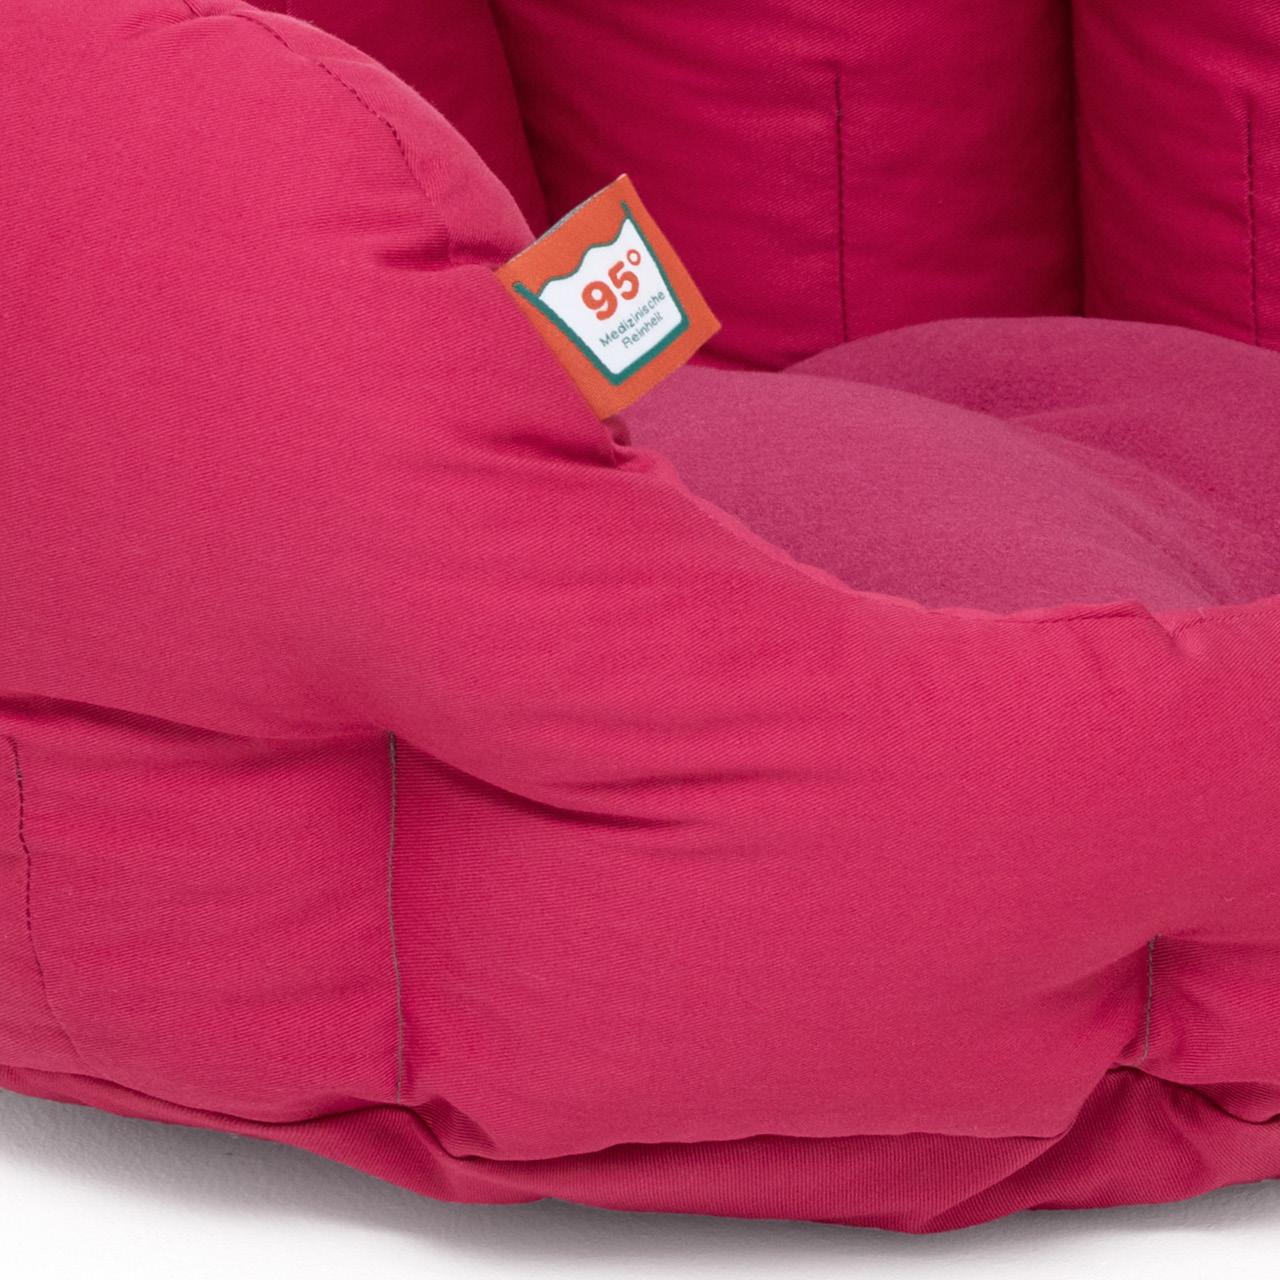 rundes Hundebett mit orthopädischem Wendekissen Doctor Bark - hot pink